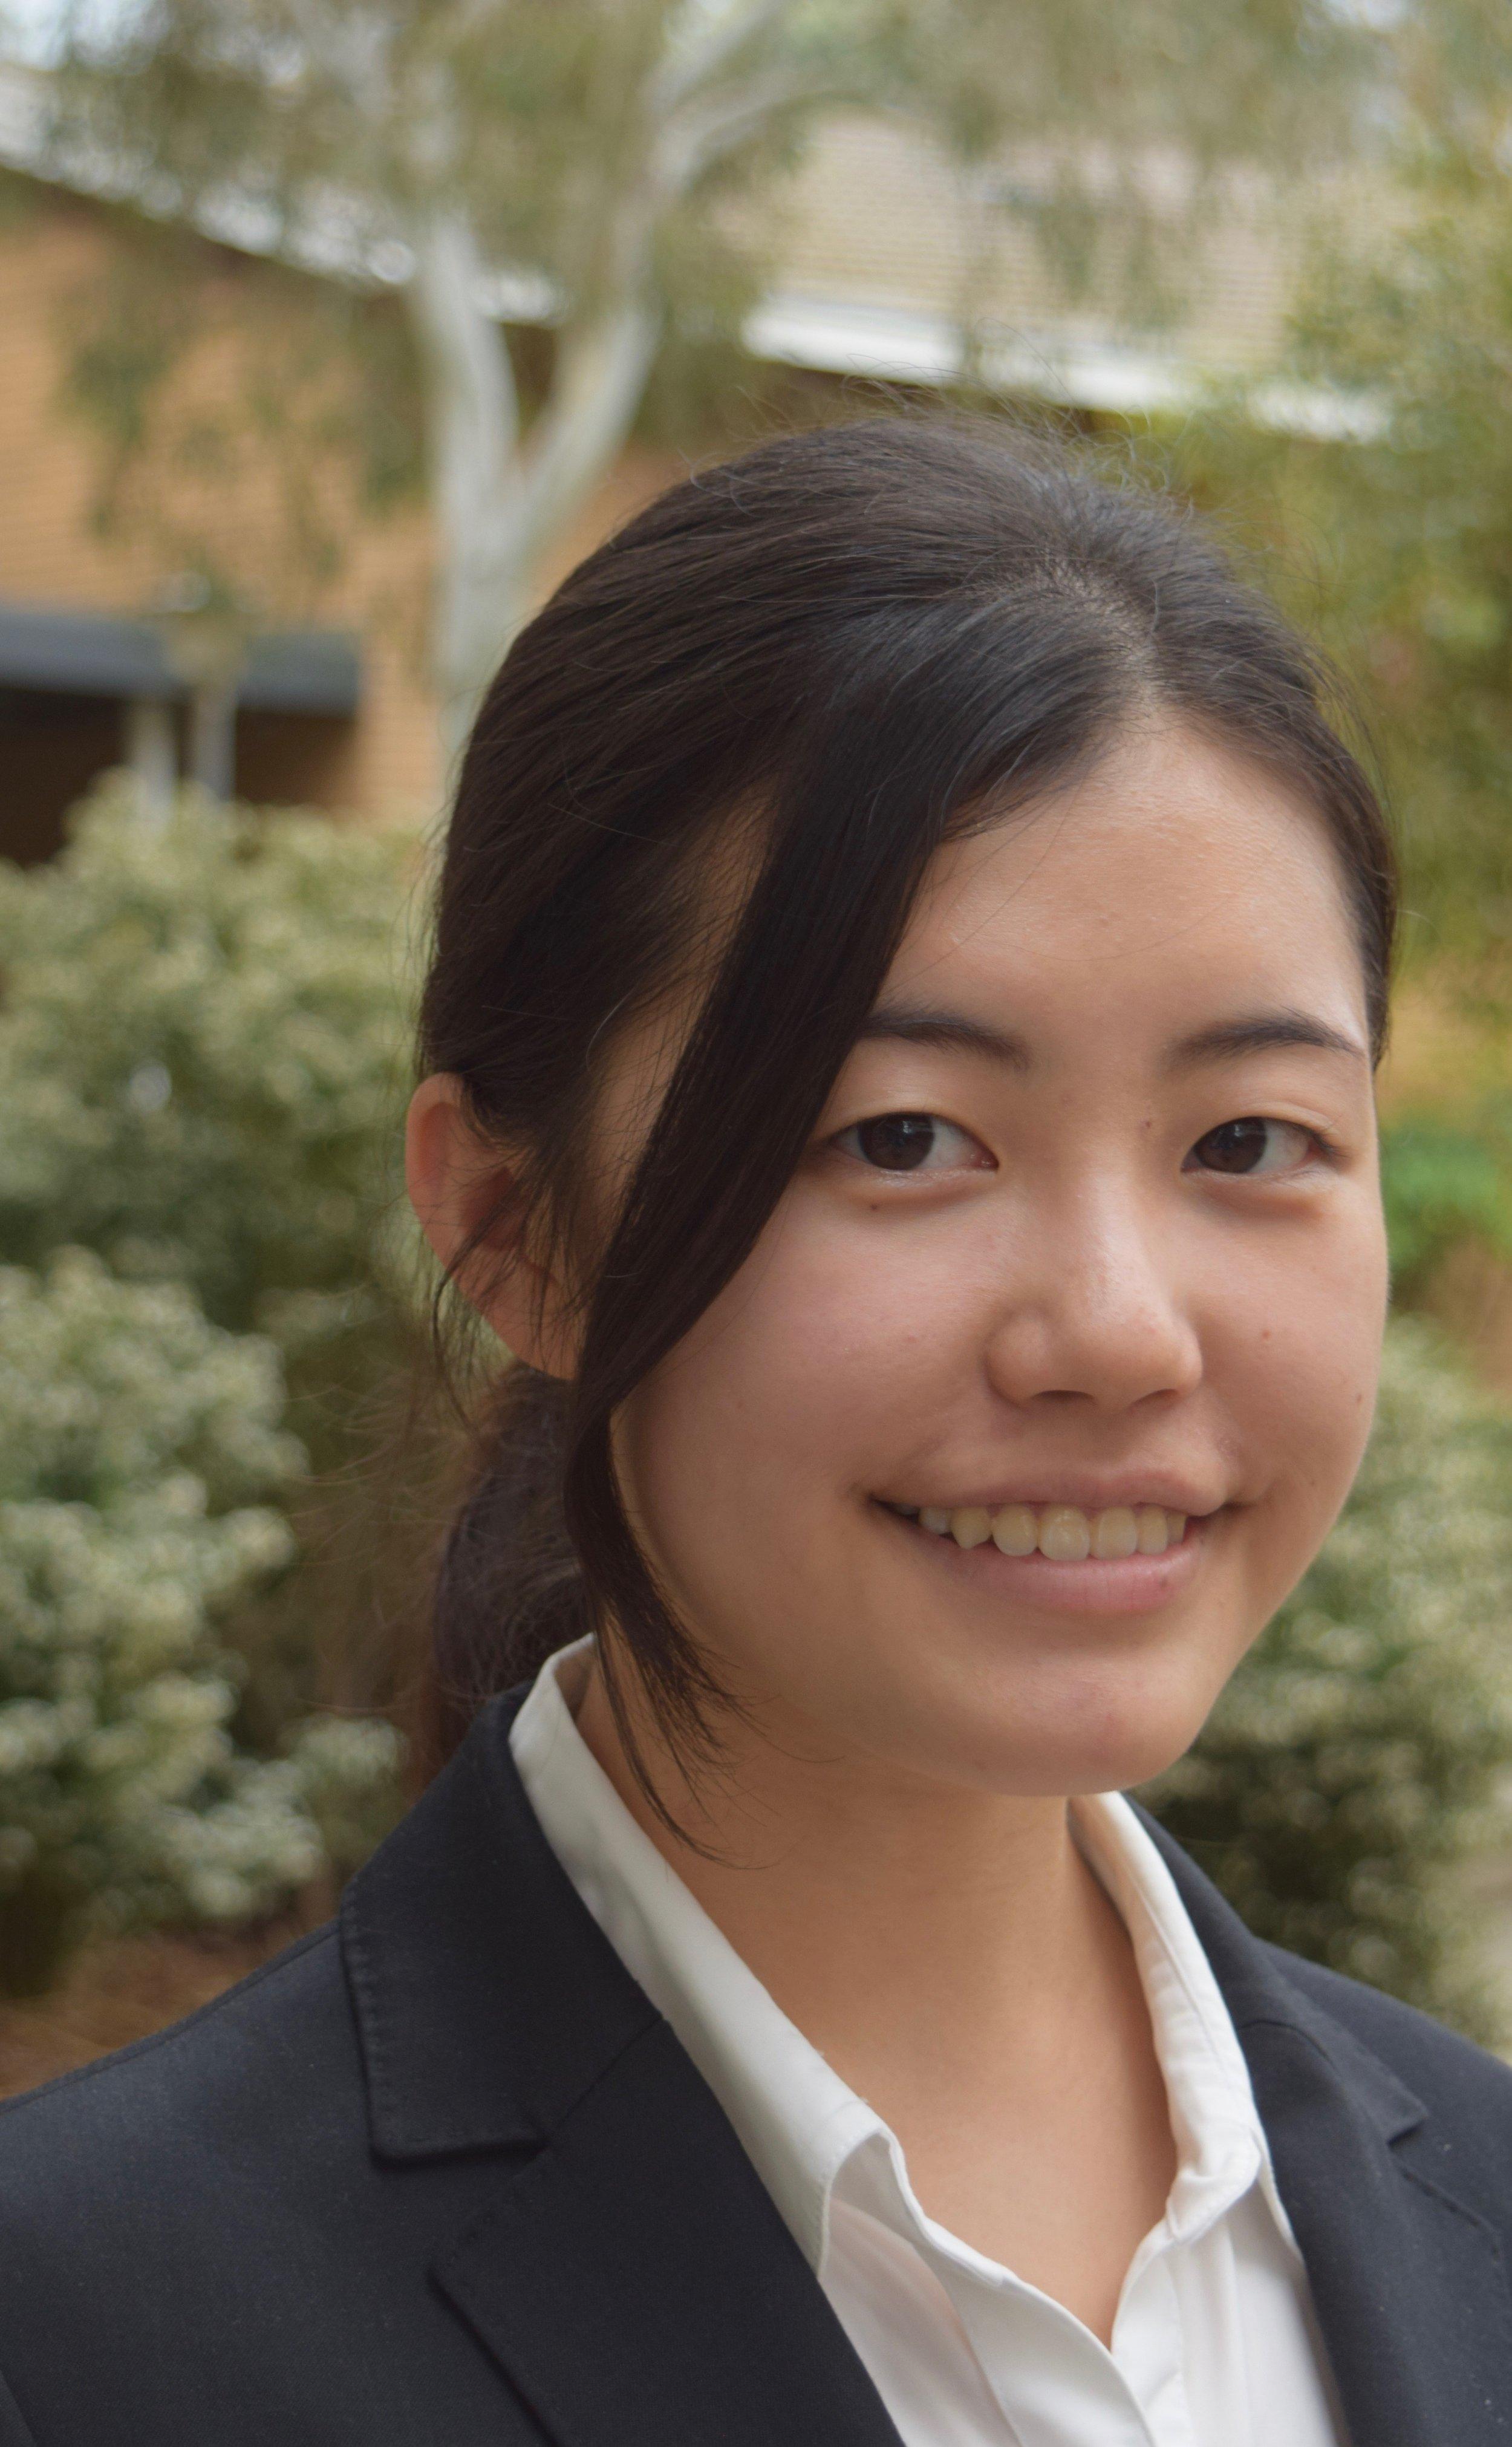 Nanami Nishihara